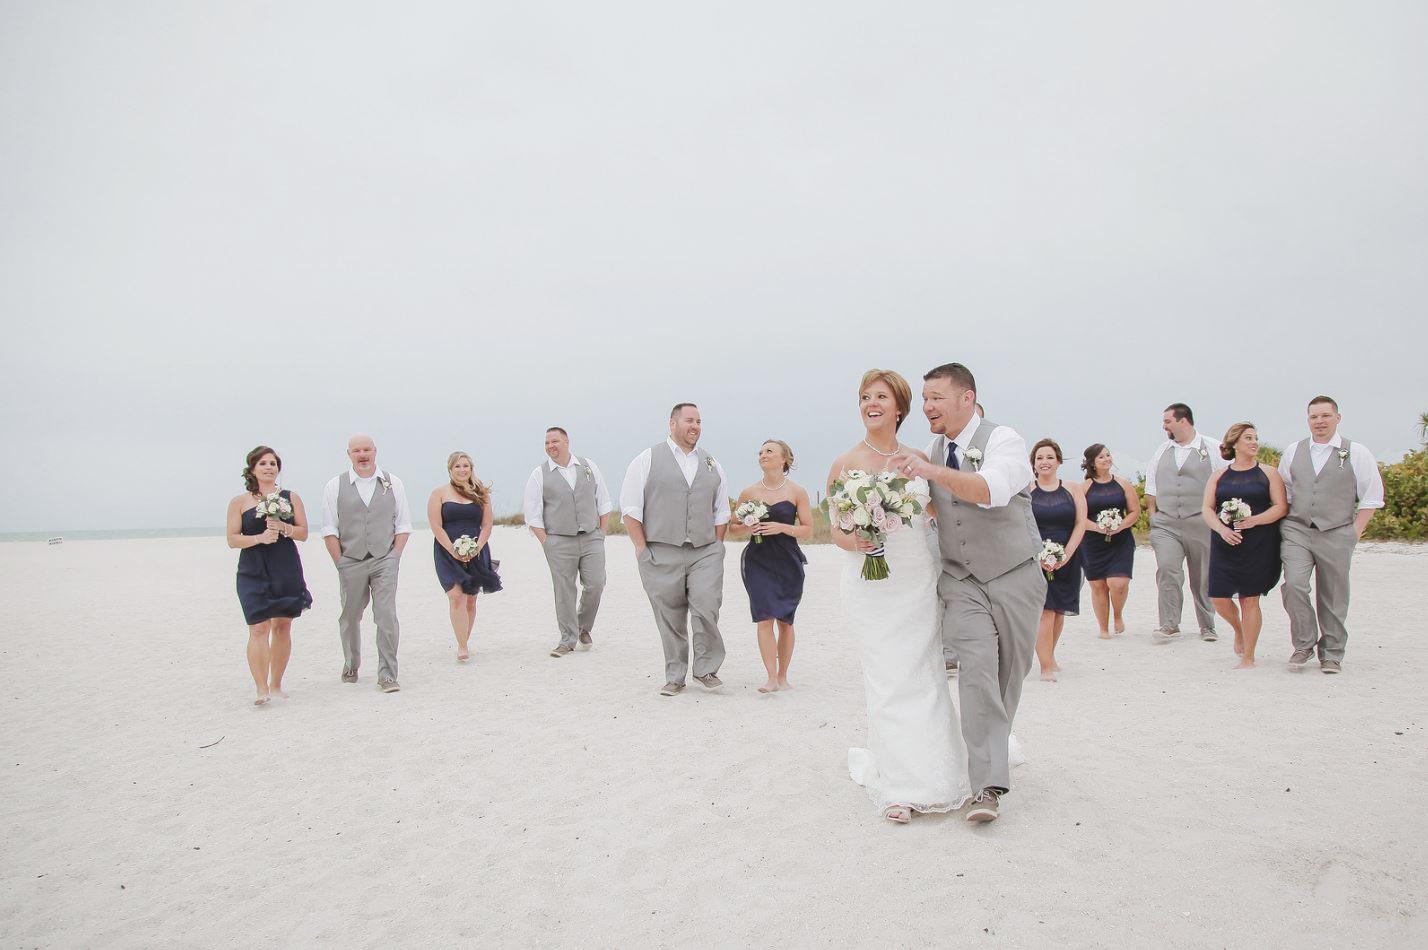 Jaime_wedding_photographer_028.5.JPG